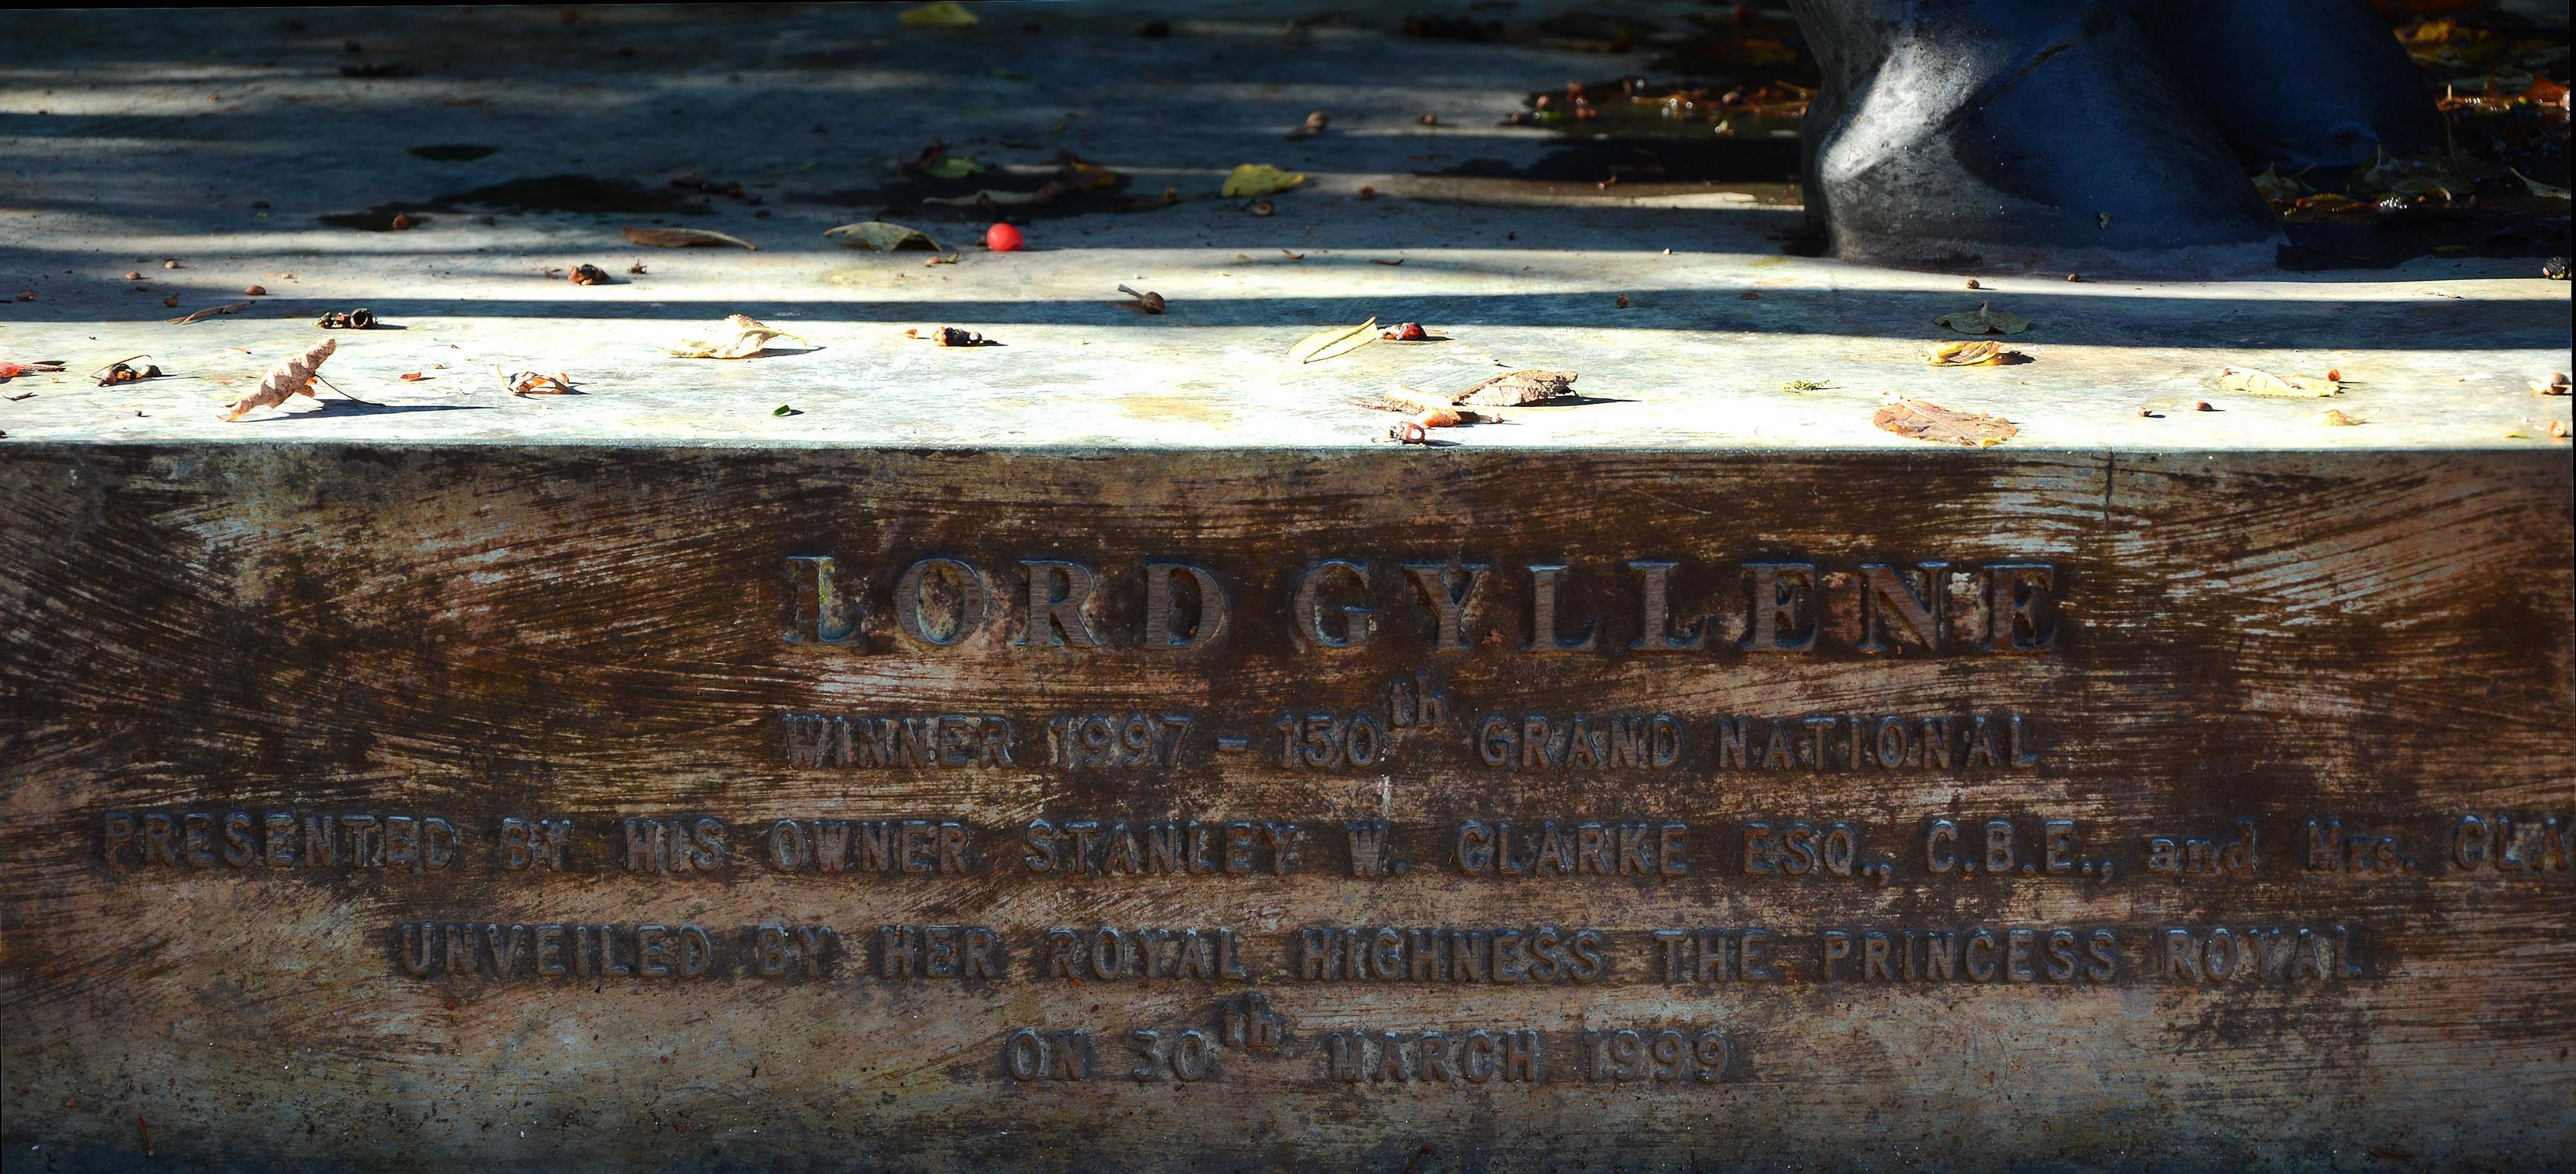 λ Caroline Wallace (British), Lord Gyllene, 1999 - Image 4 of 6